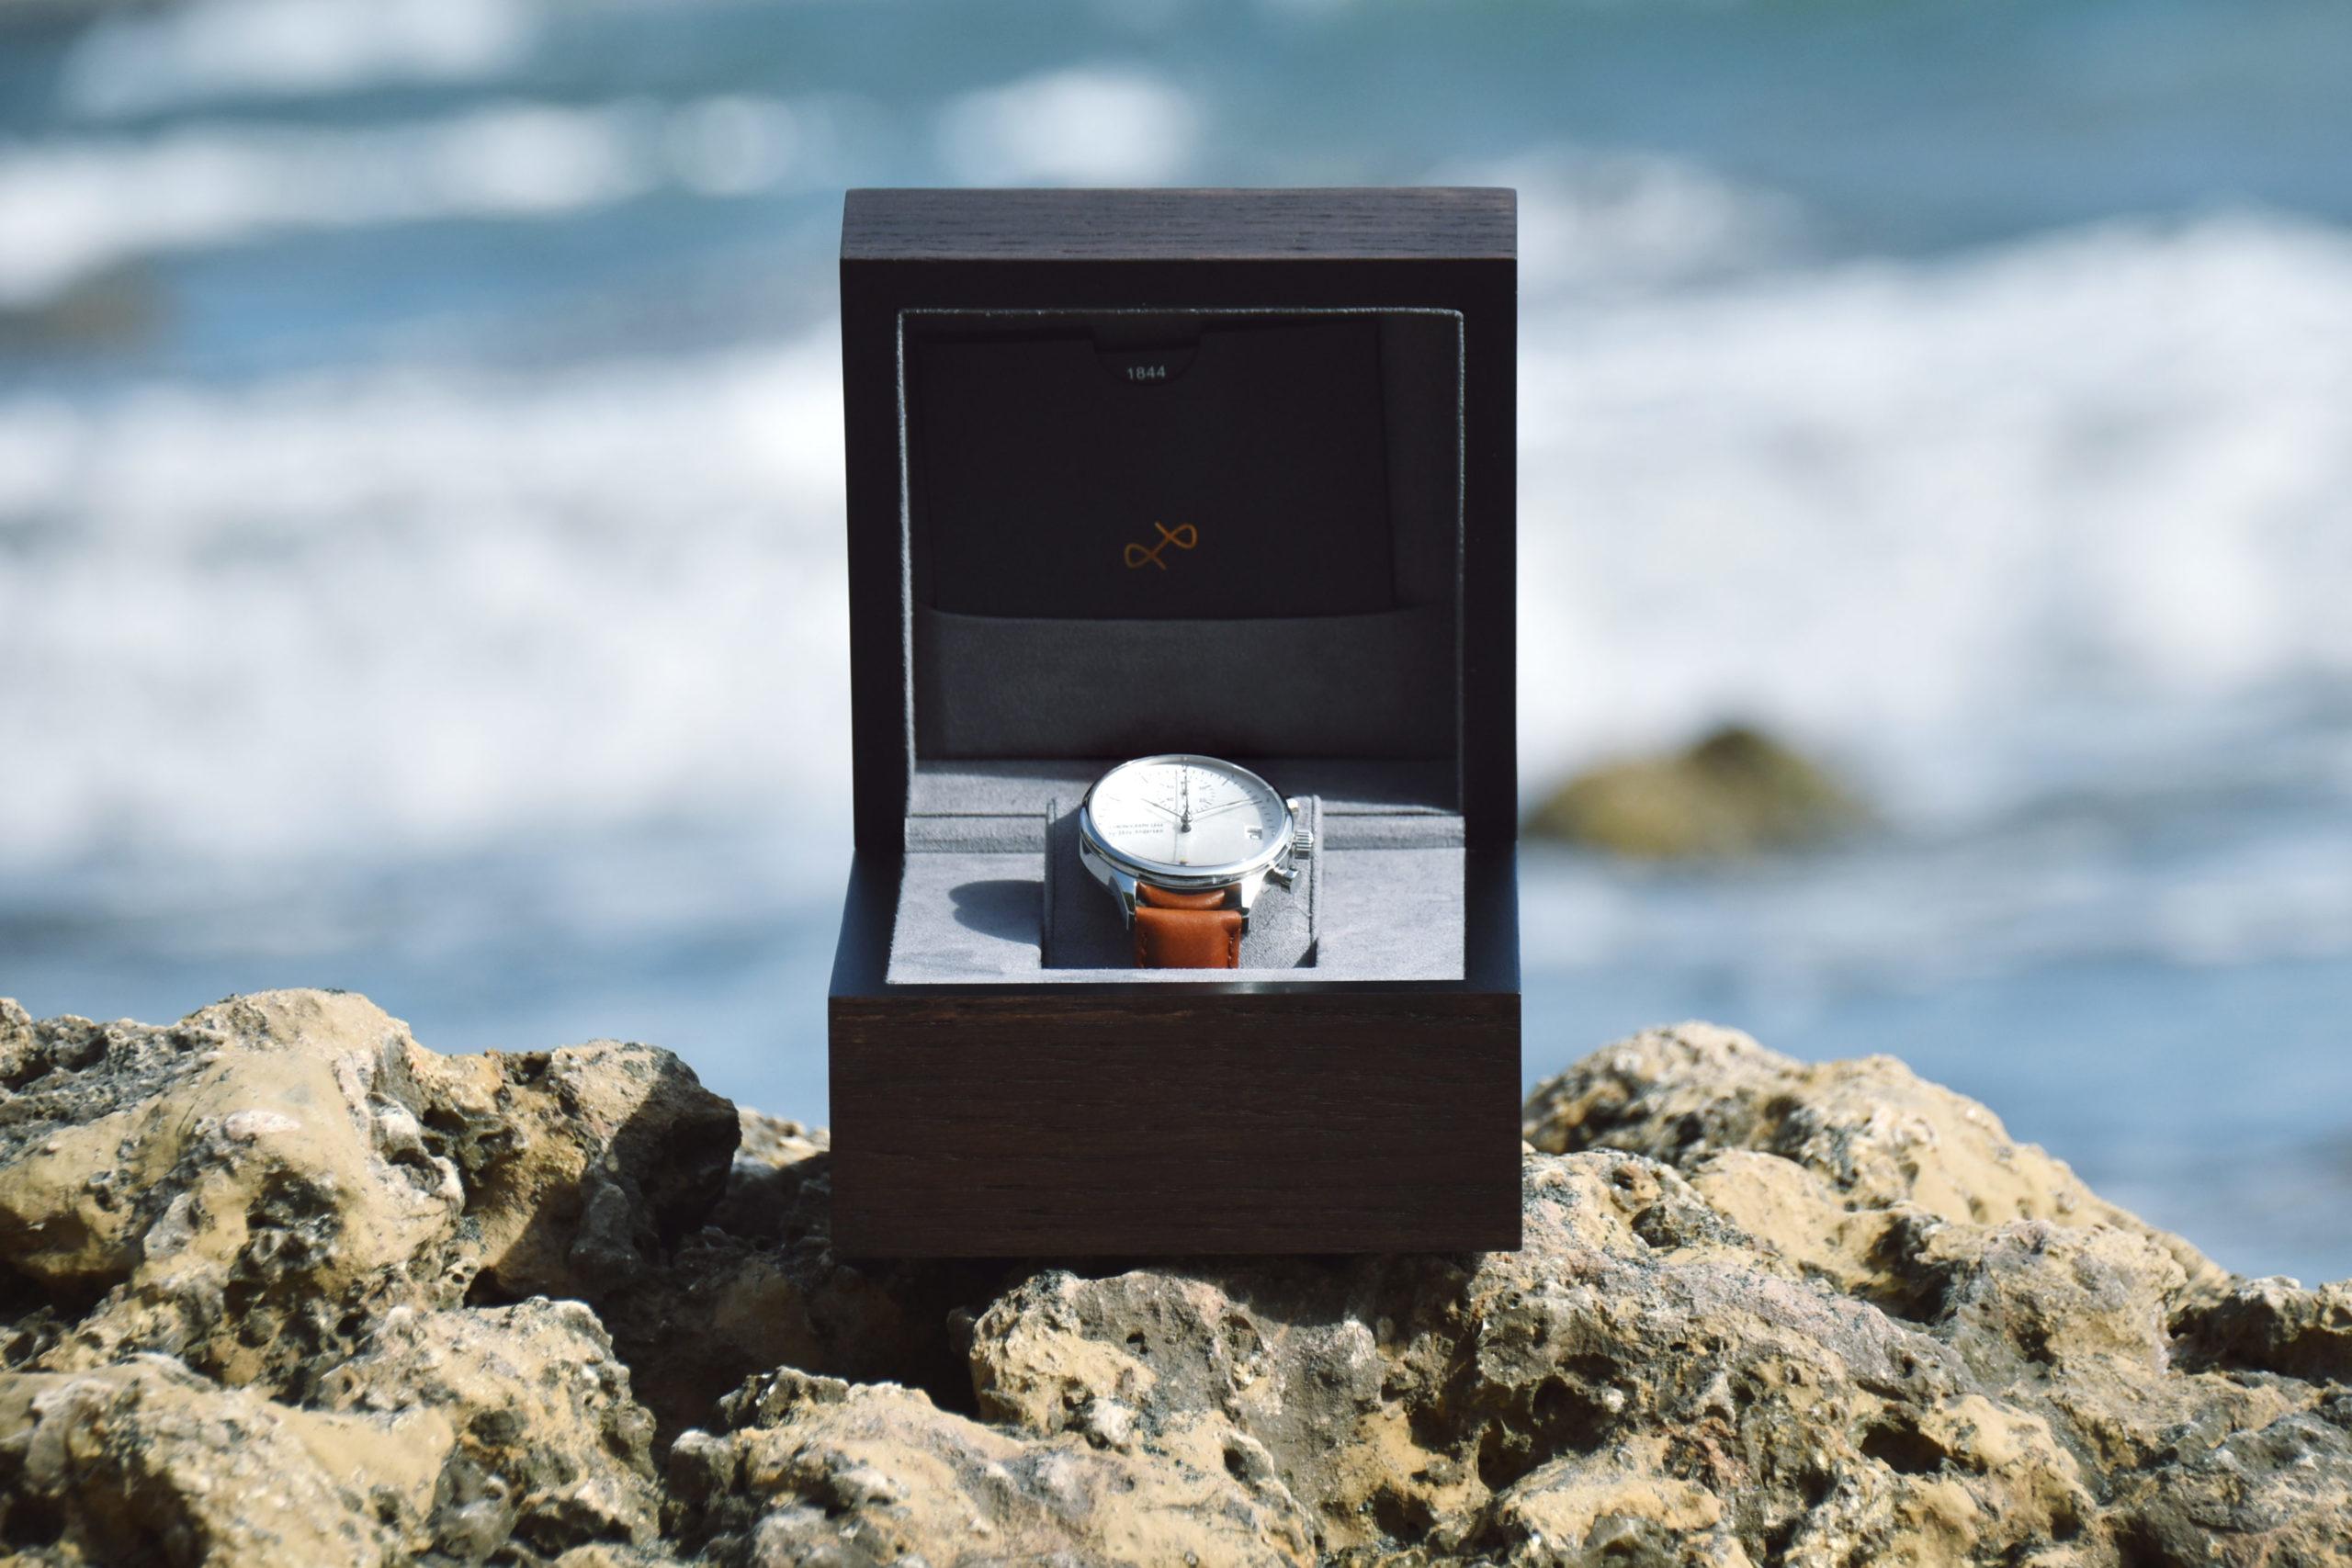 【開箱】丹麥手錶 ABOUT VINTAGE 評價:精緻的手錶設計、流暢的購物體驗、優秀的售後服務